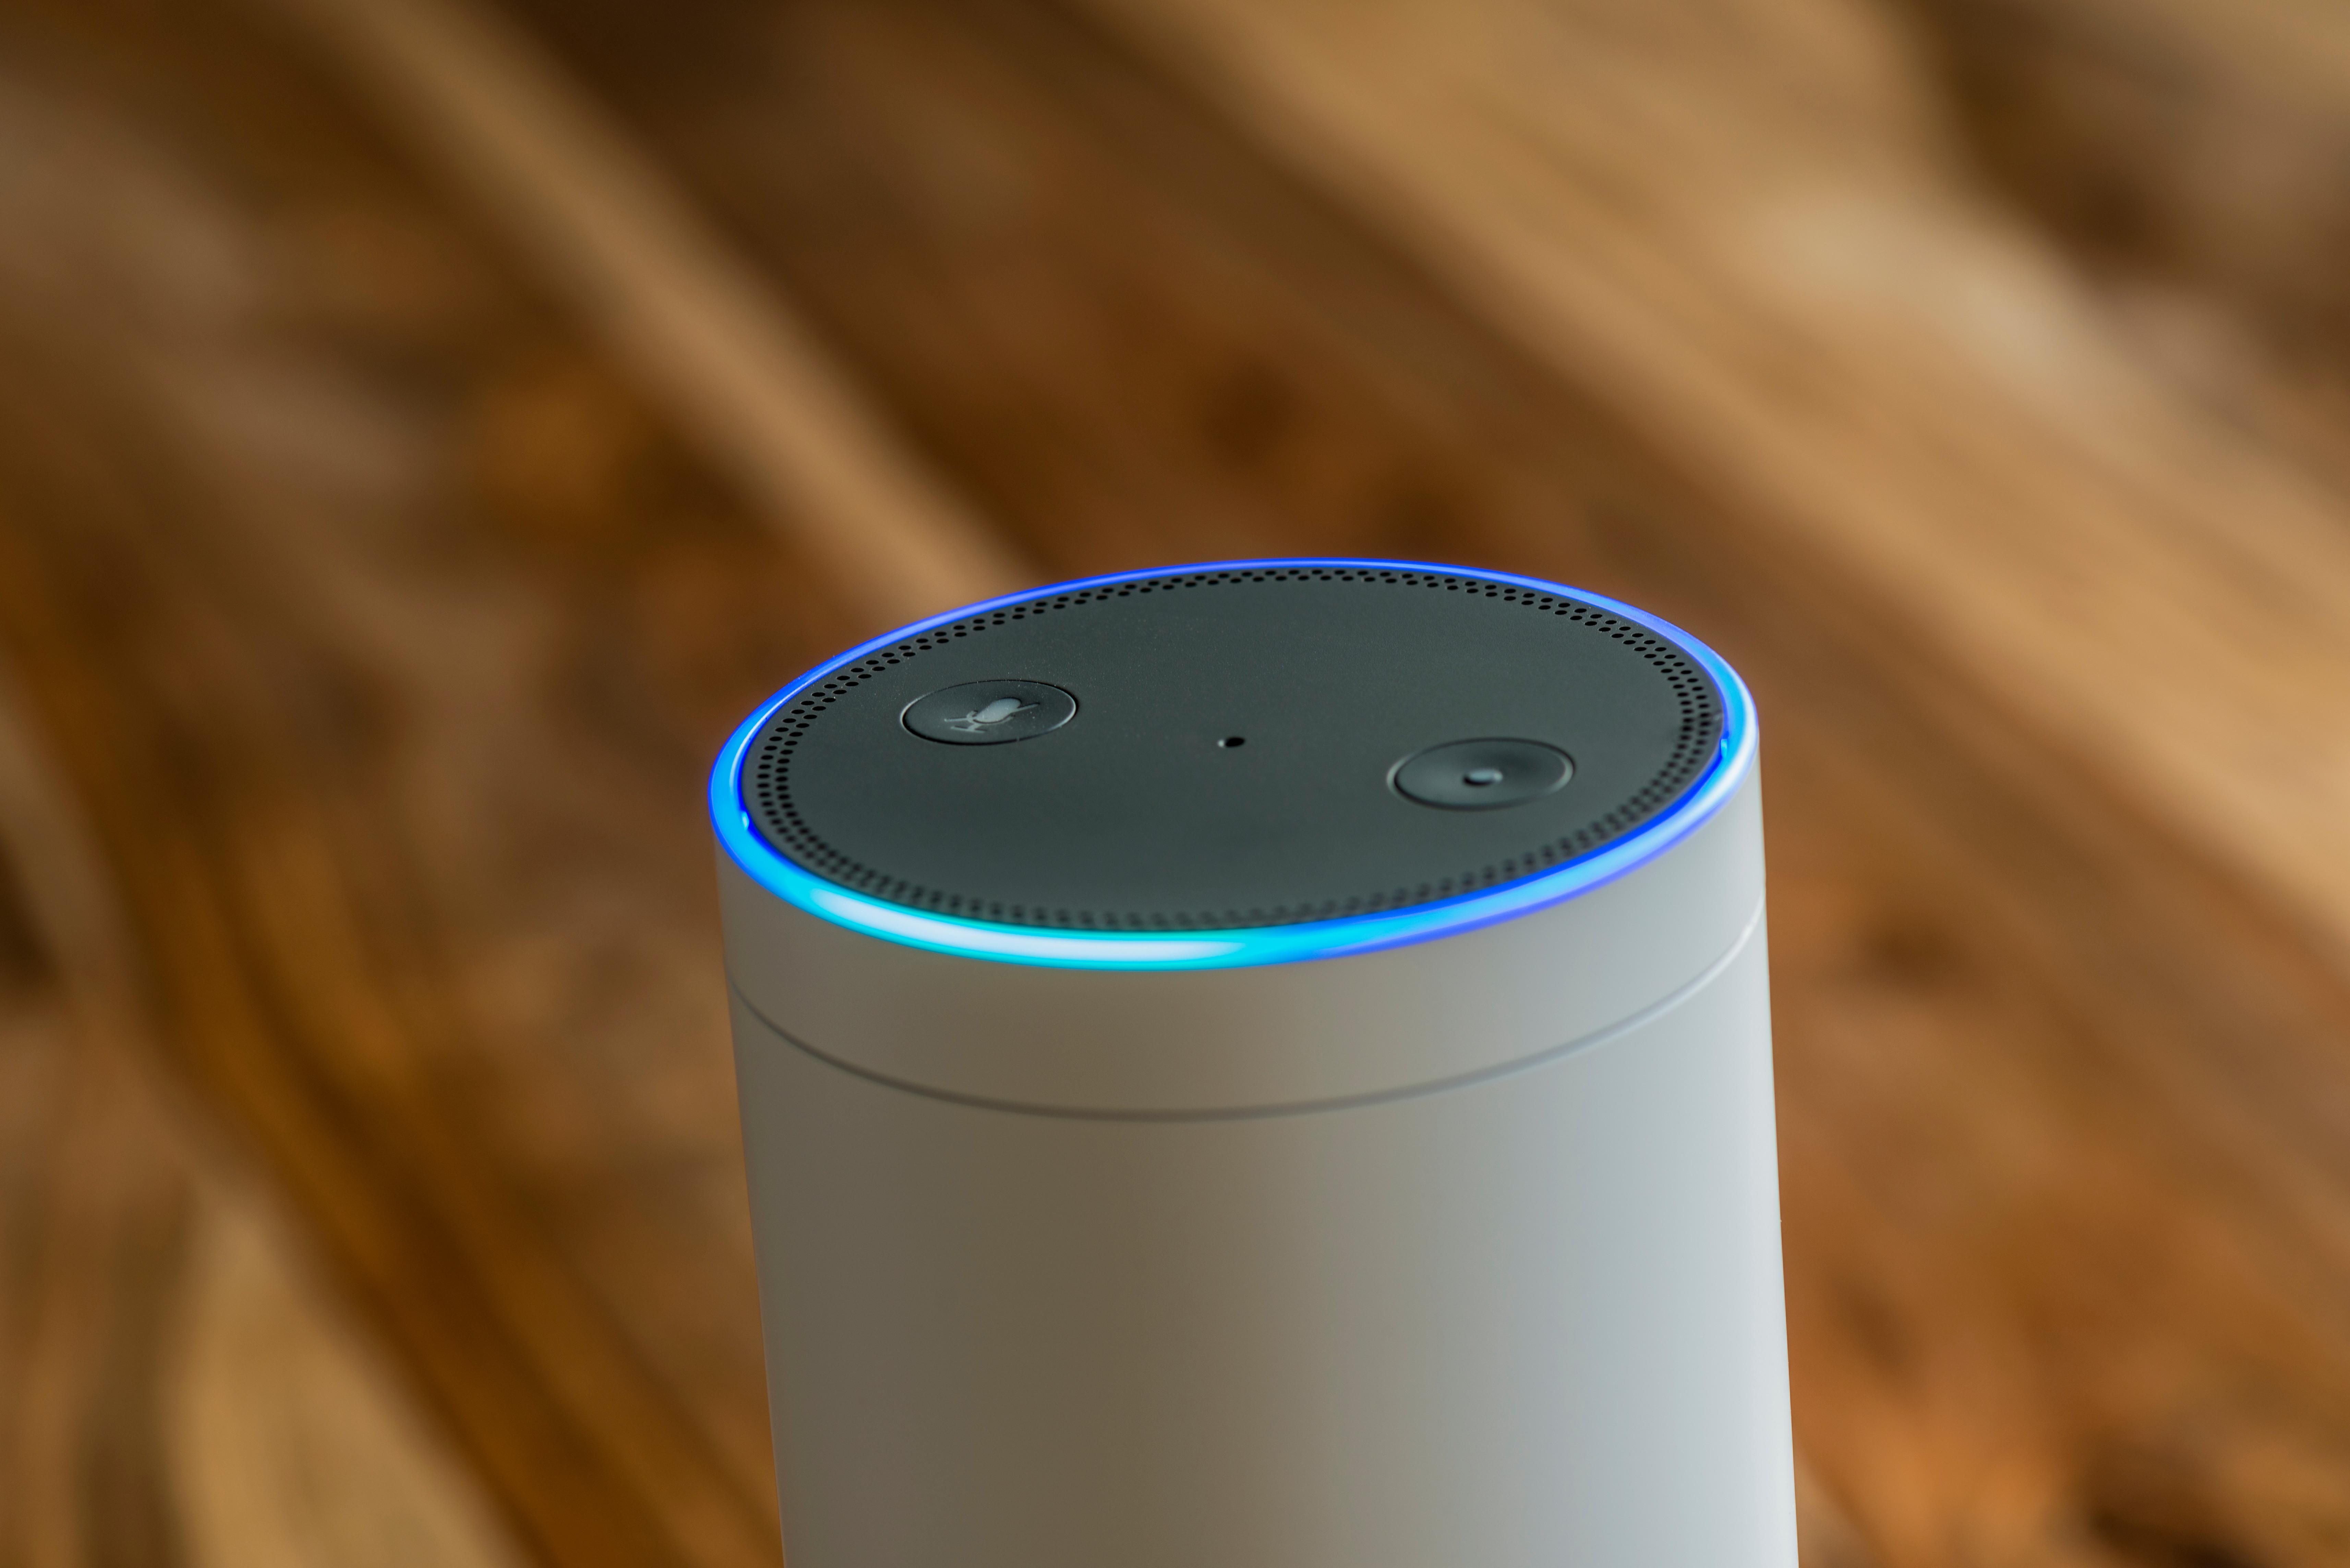 Pembicara Alexa semakin mendapat sorotan dari para pakar cyber dan juru kampanye privasi